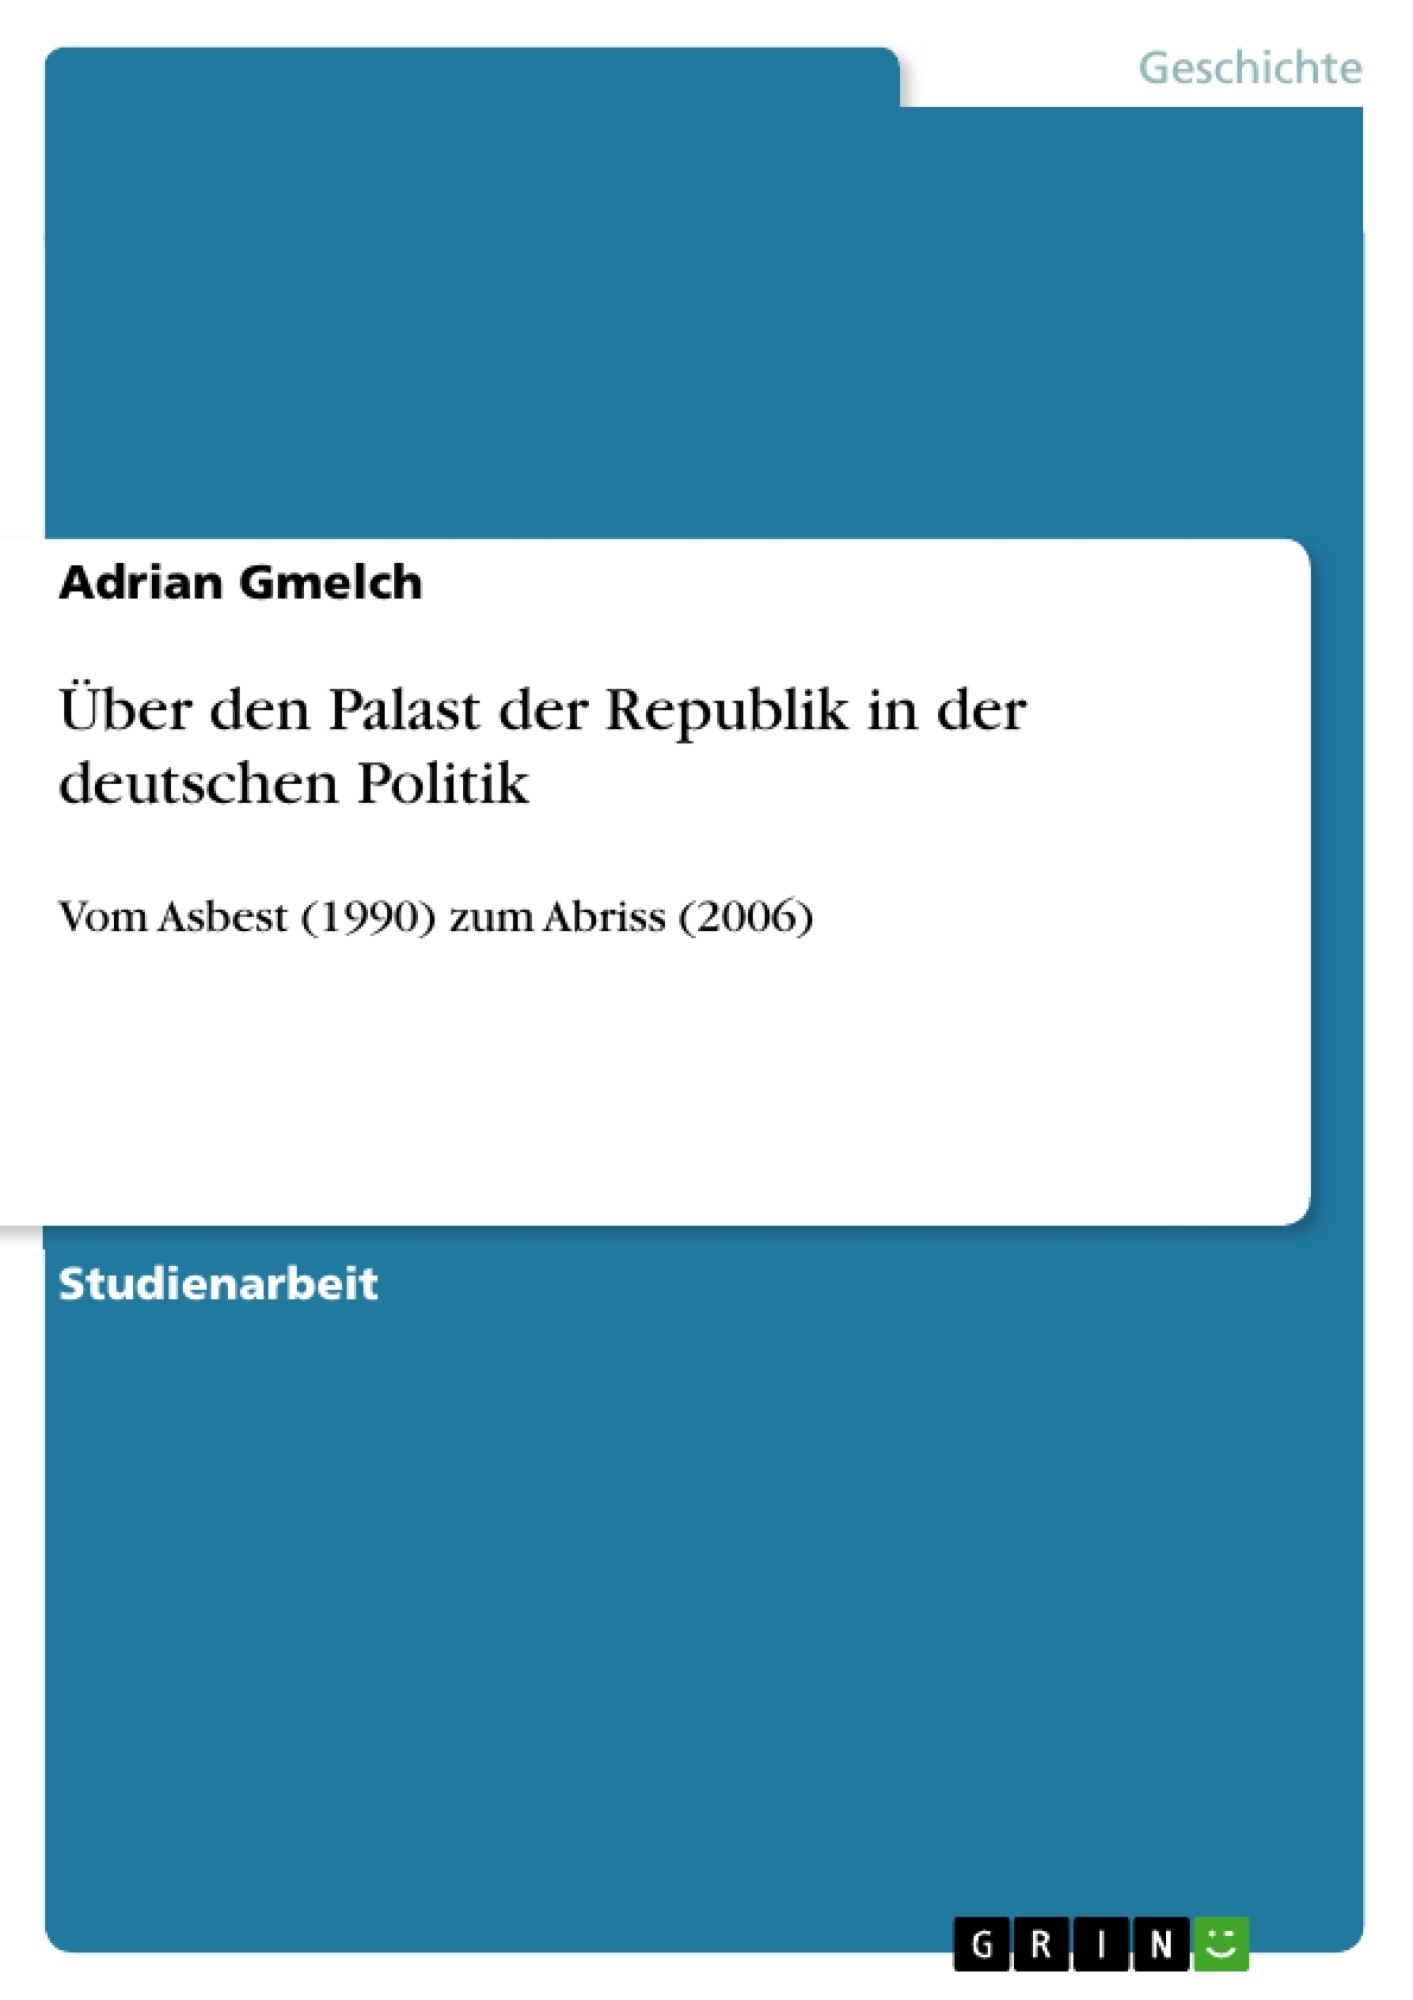 Titel: Über den Palast der Republik in der deutschen Politik